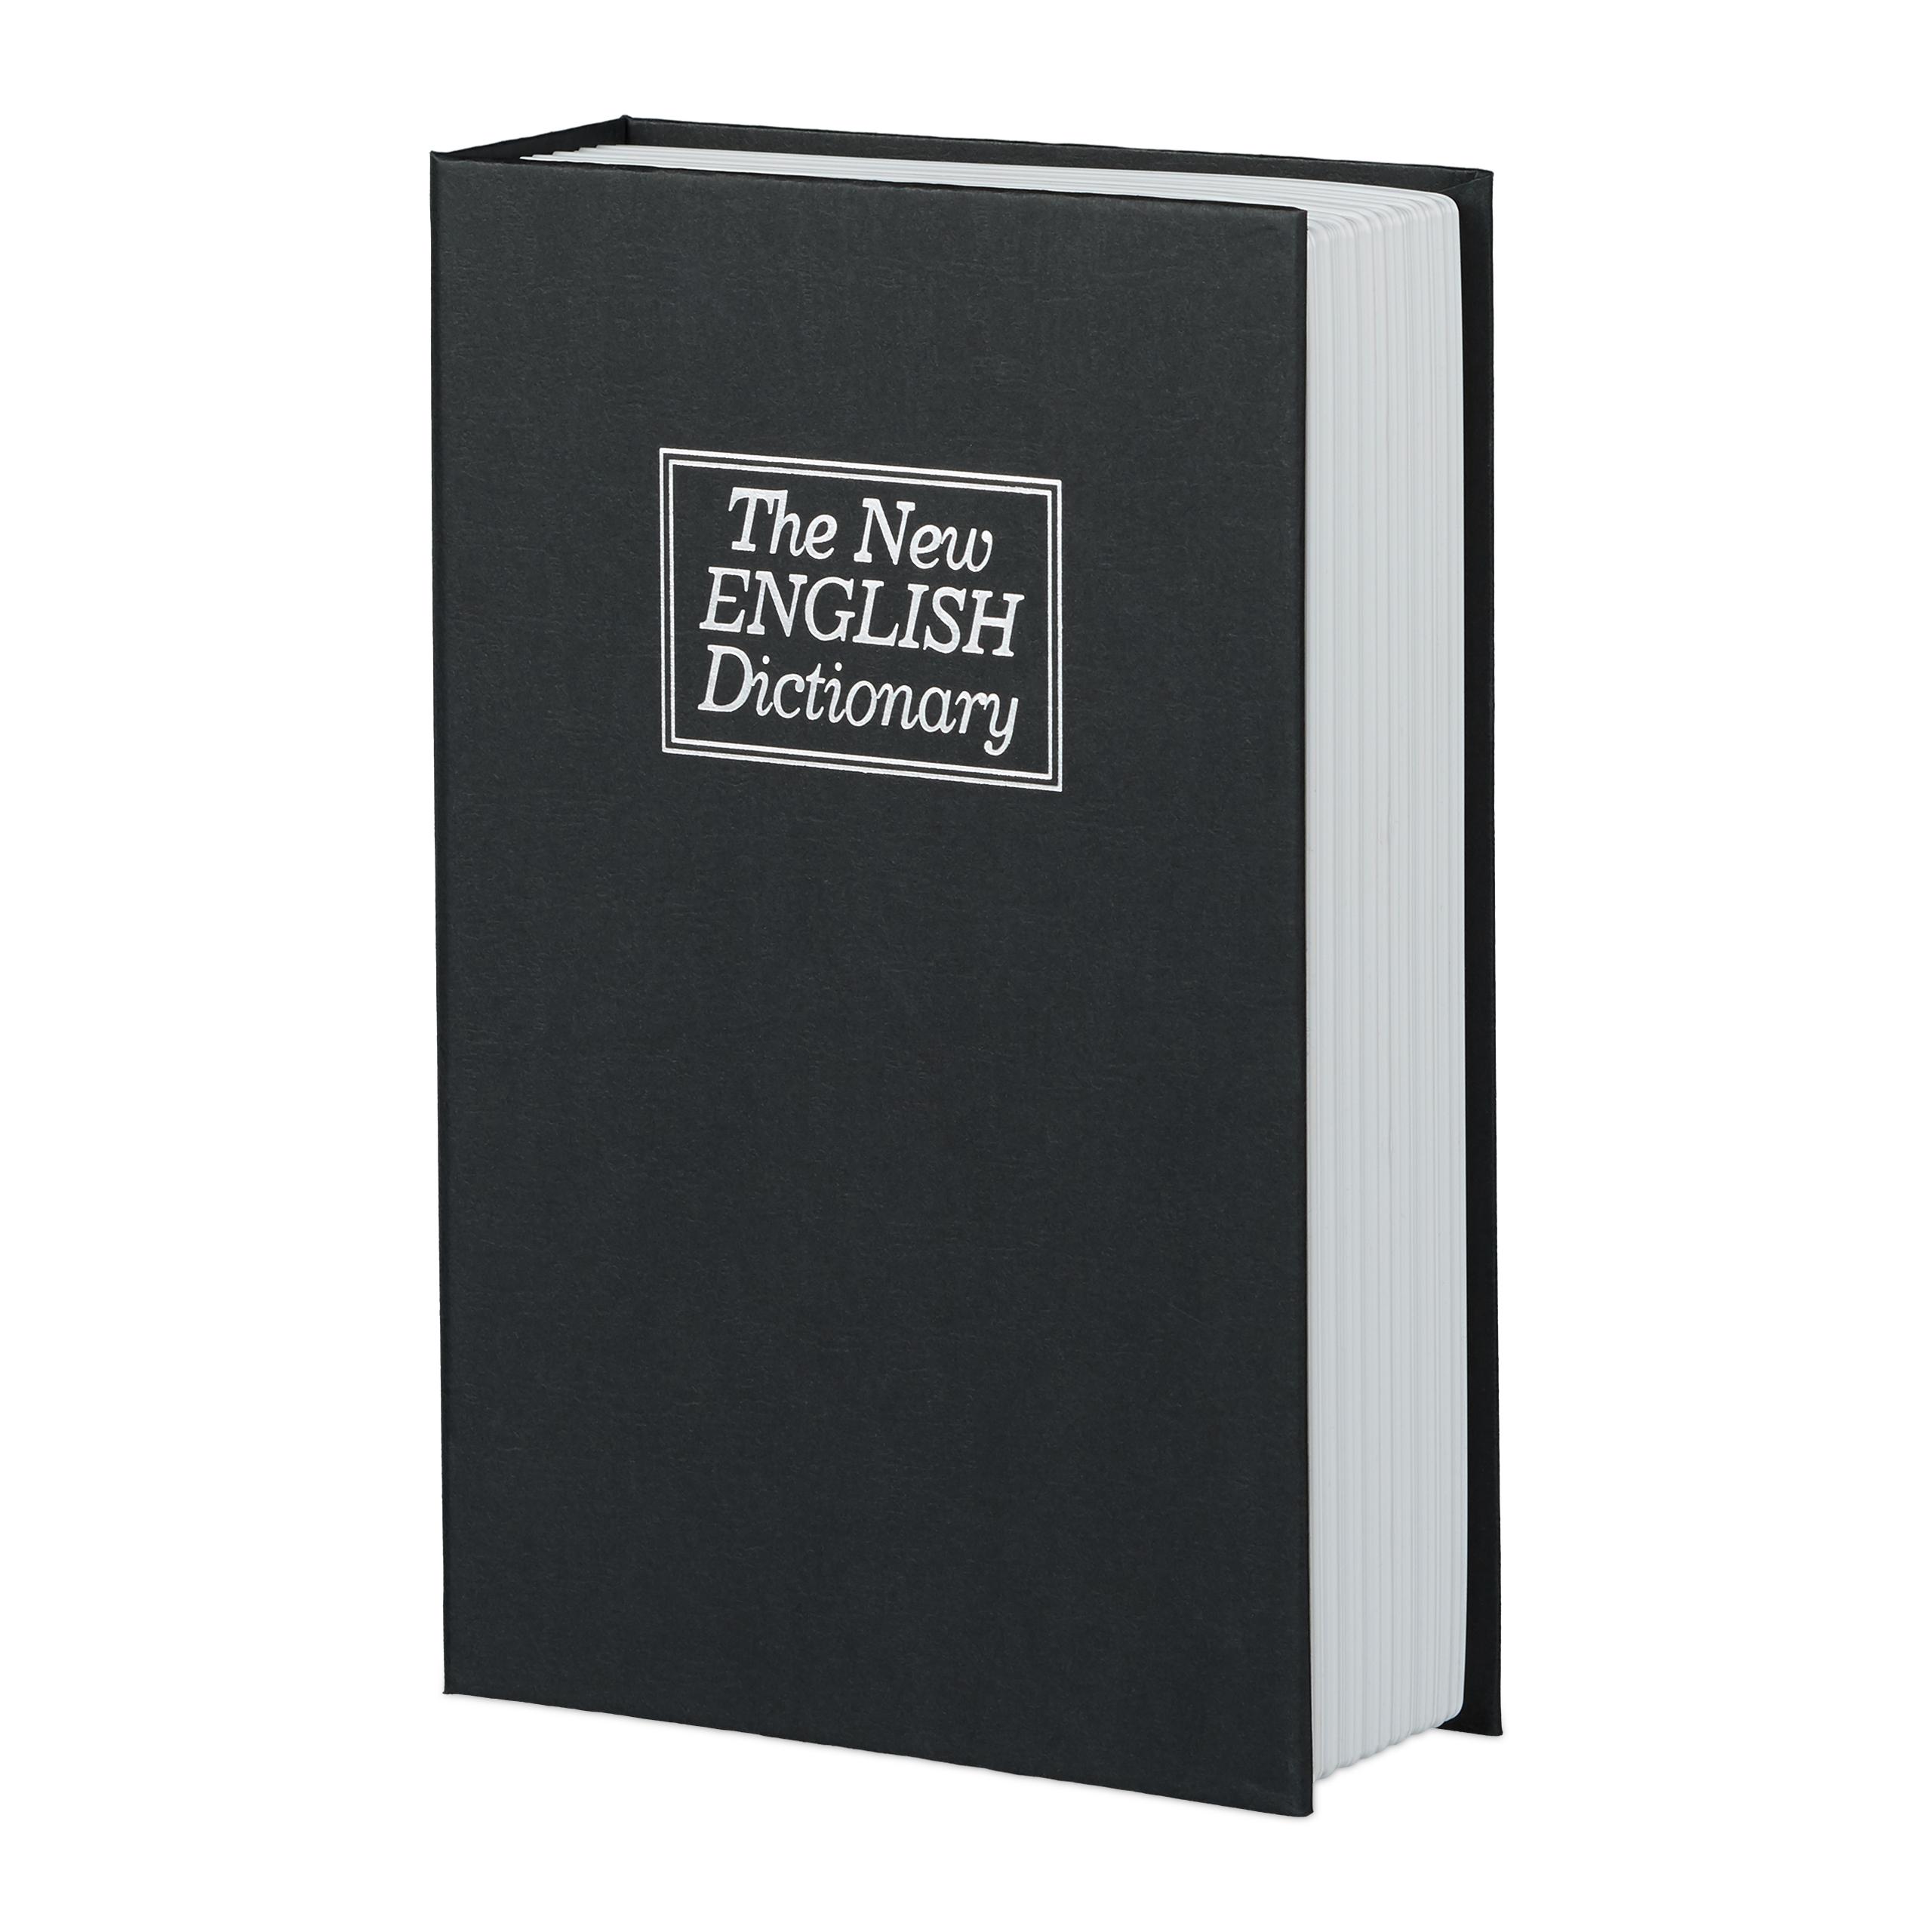 Safe als Englisch-Wörterbuch getarnt Buchtresor mit Stahlschließfach Attrappe